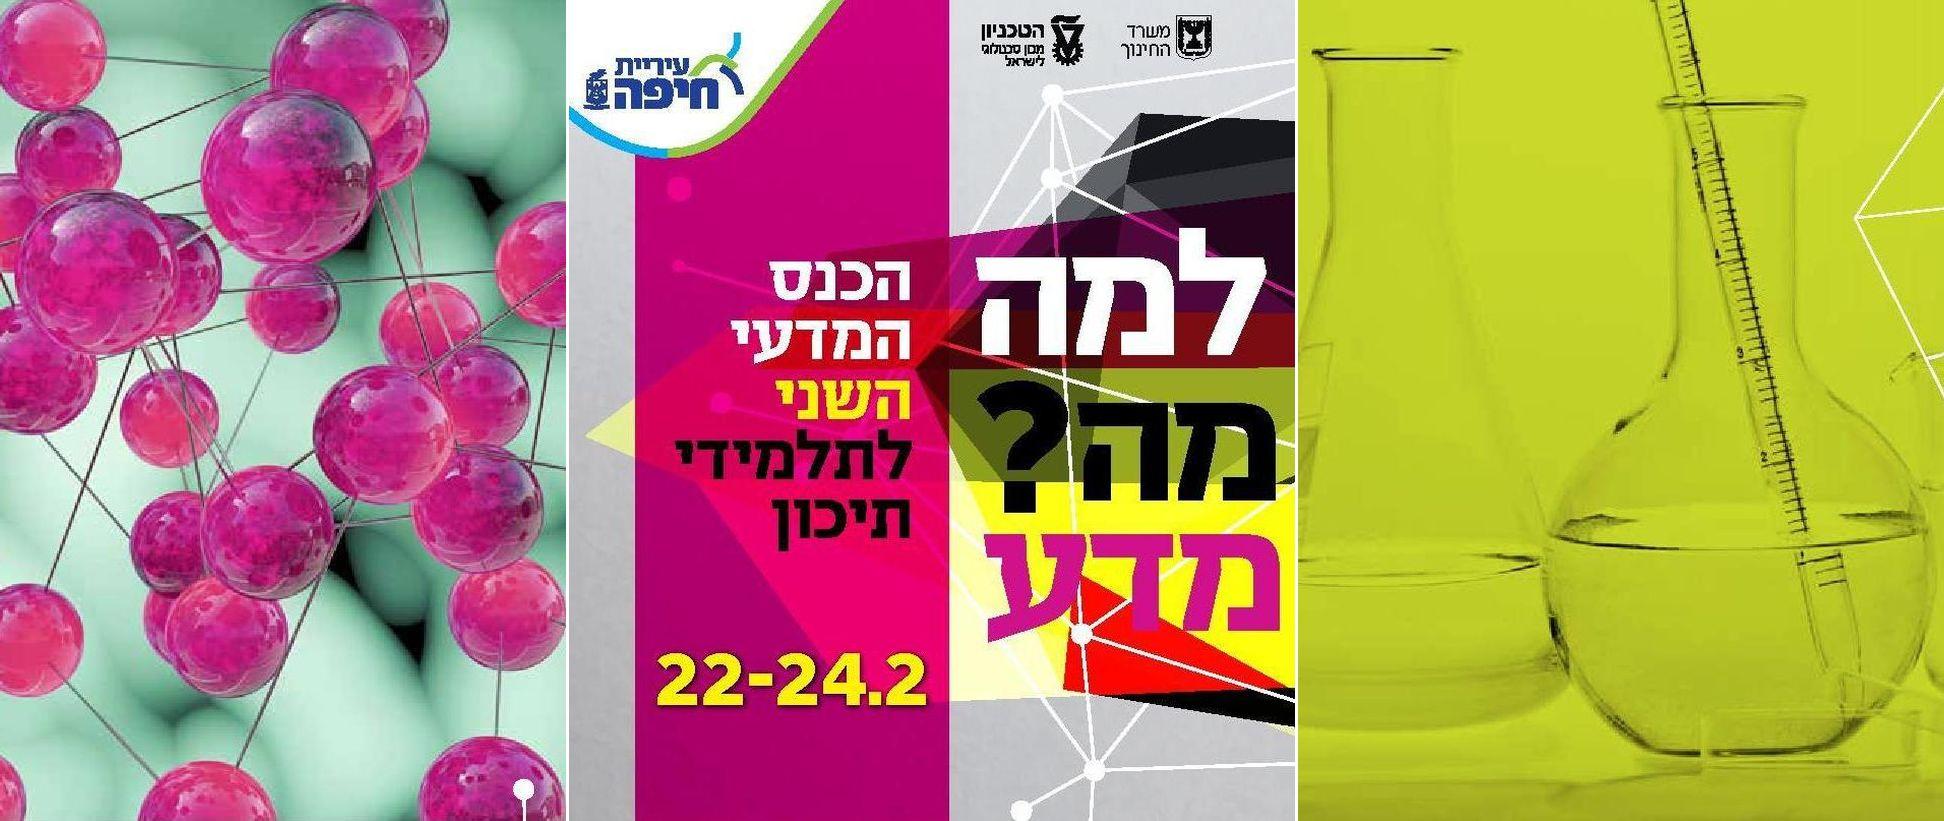 Nau4ni marafon v Haife